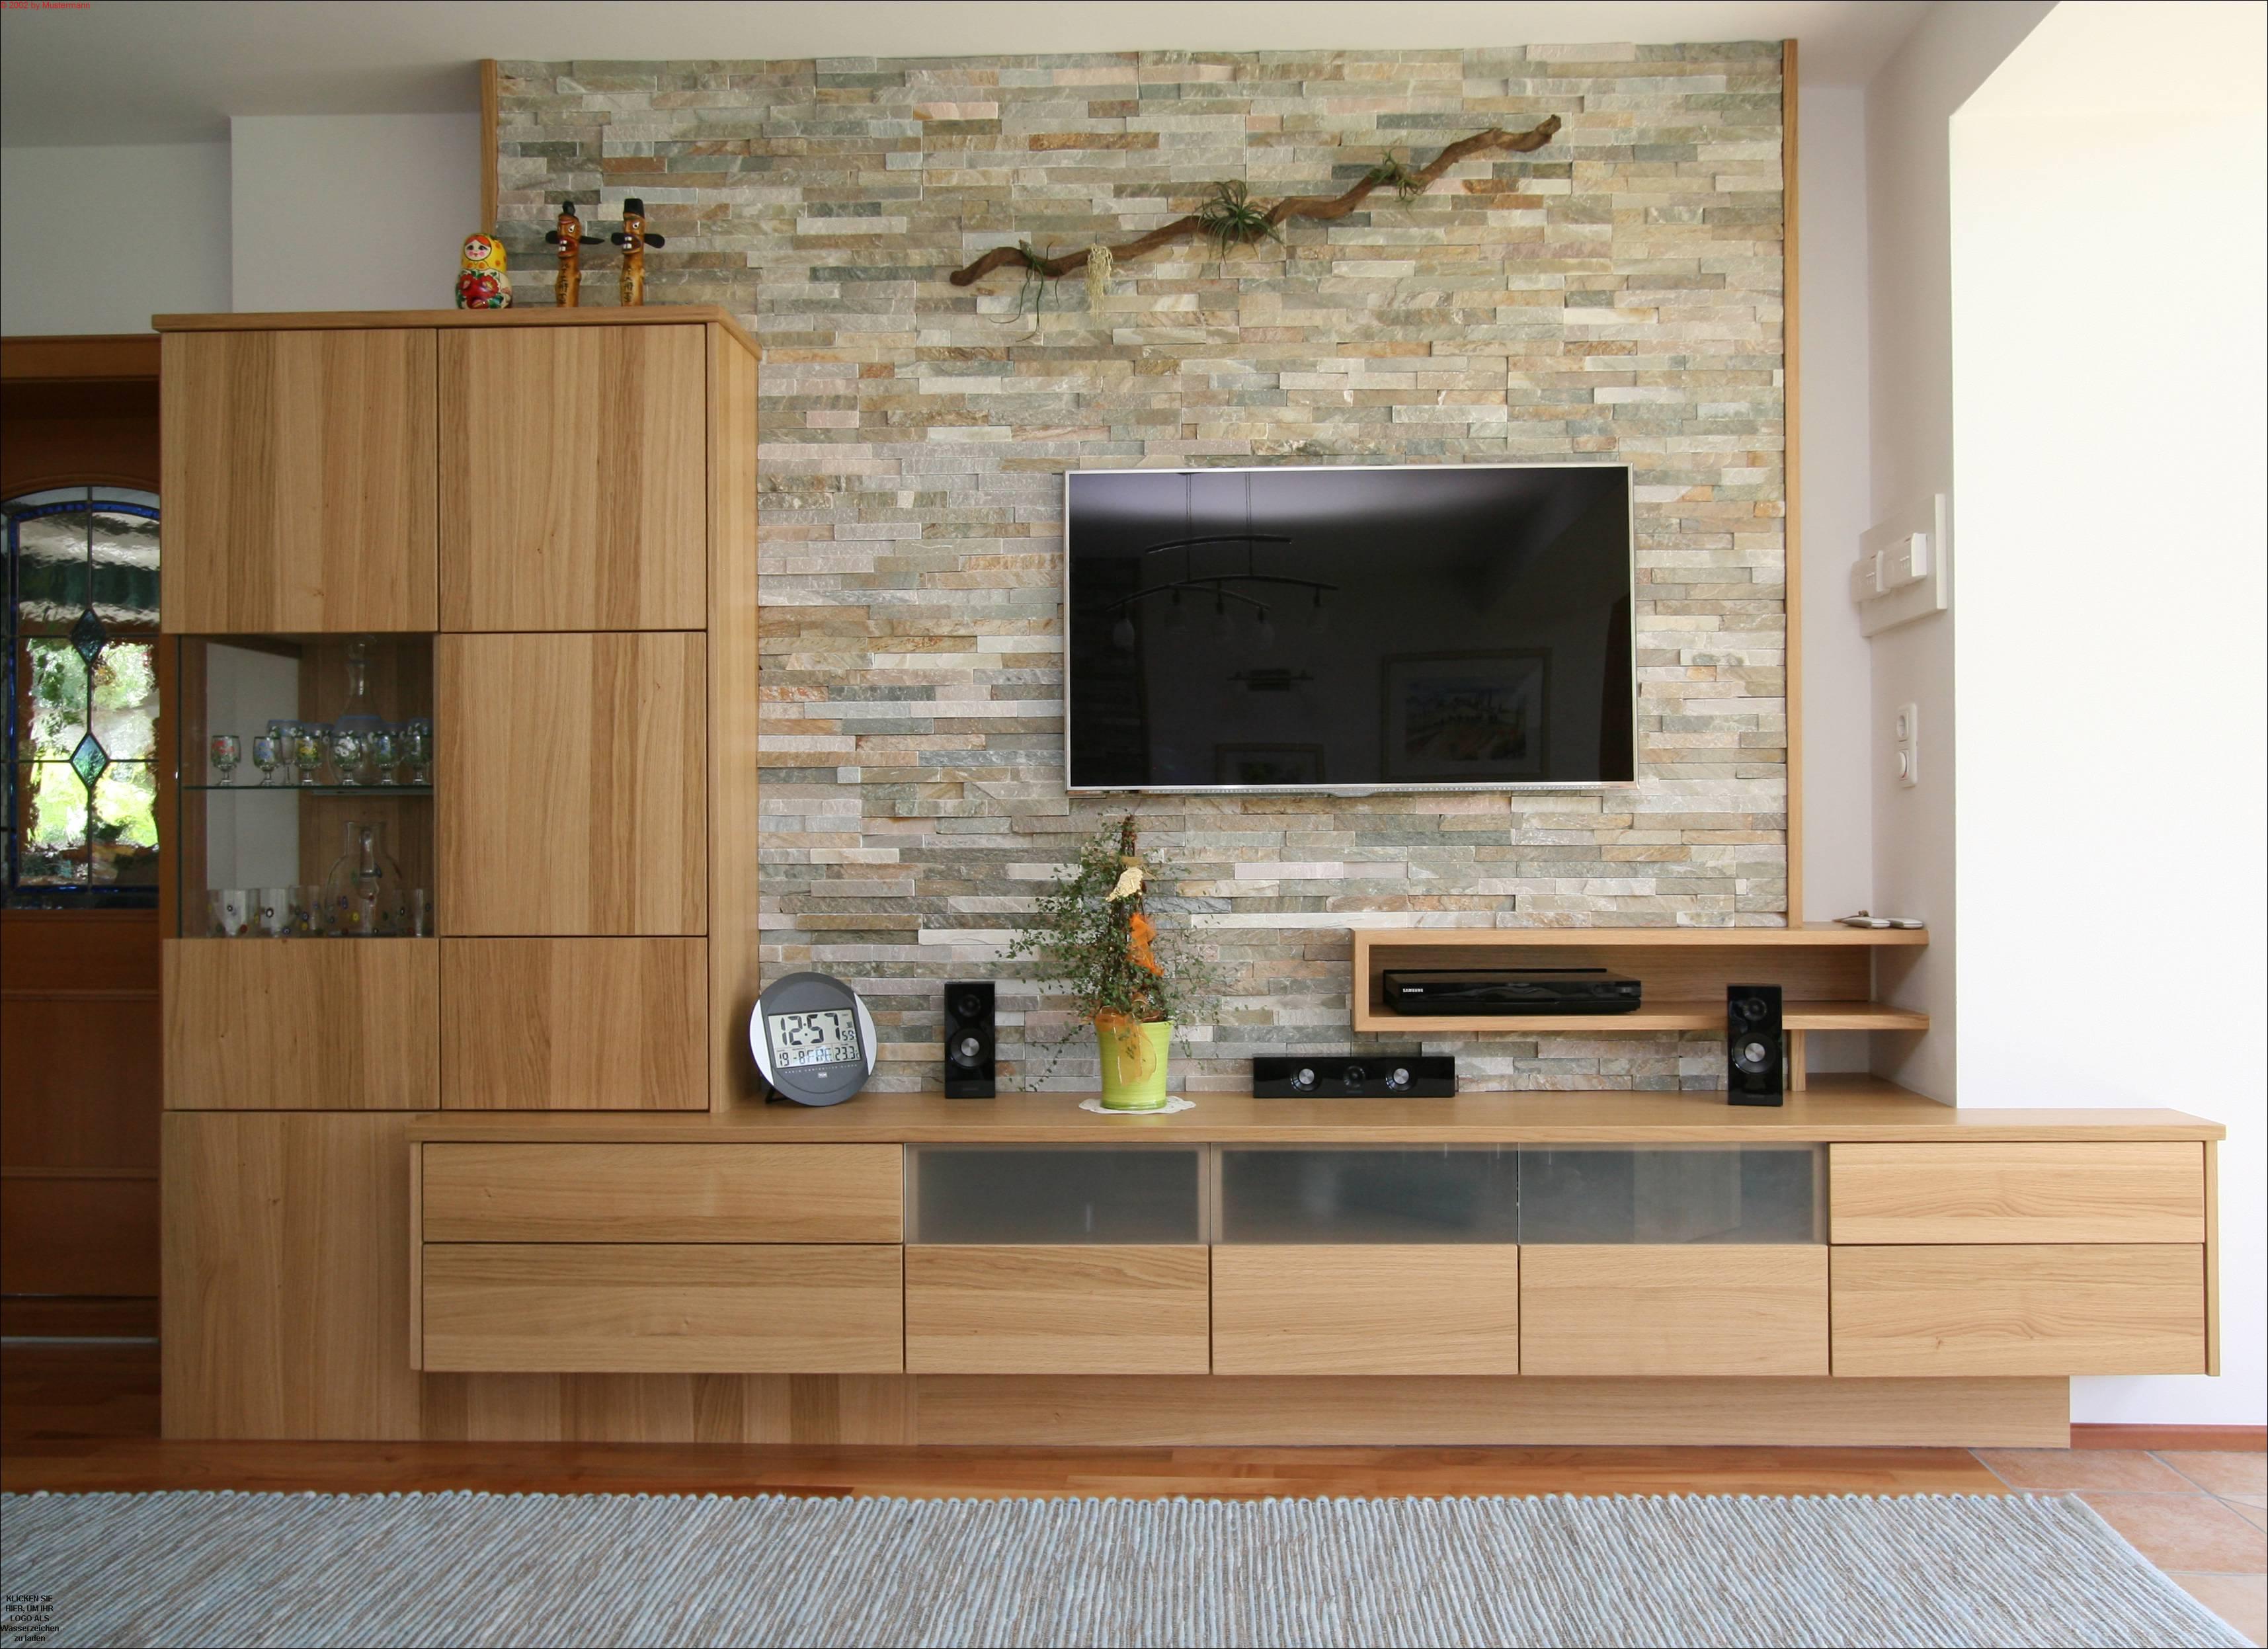 tischler wohnzimmer in eichenholz listberger tischlerei. Black Bedroom Furniture Sets. Home Design Ideas